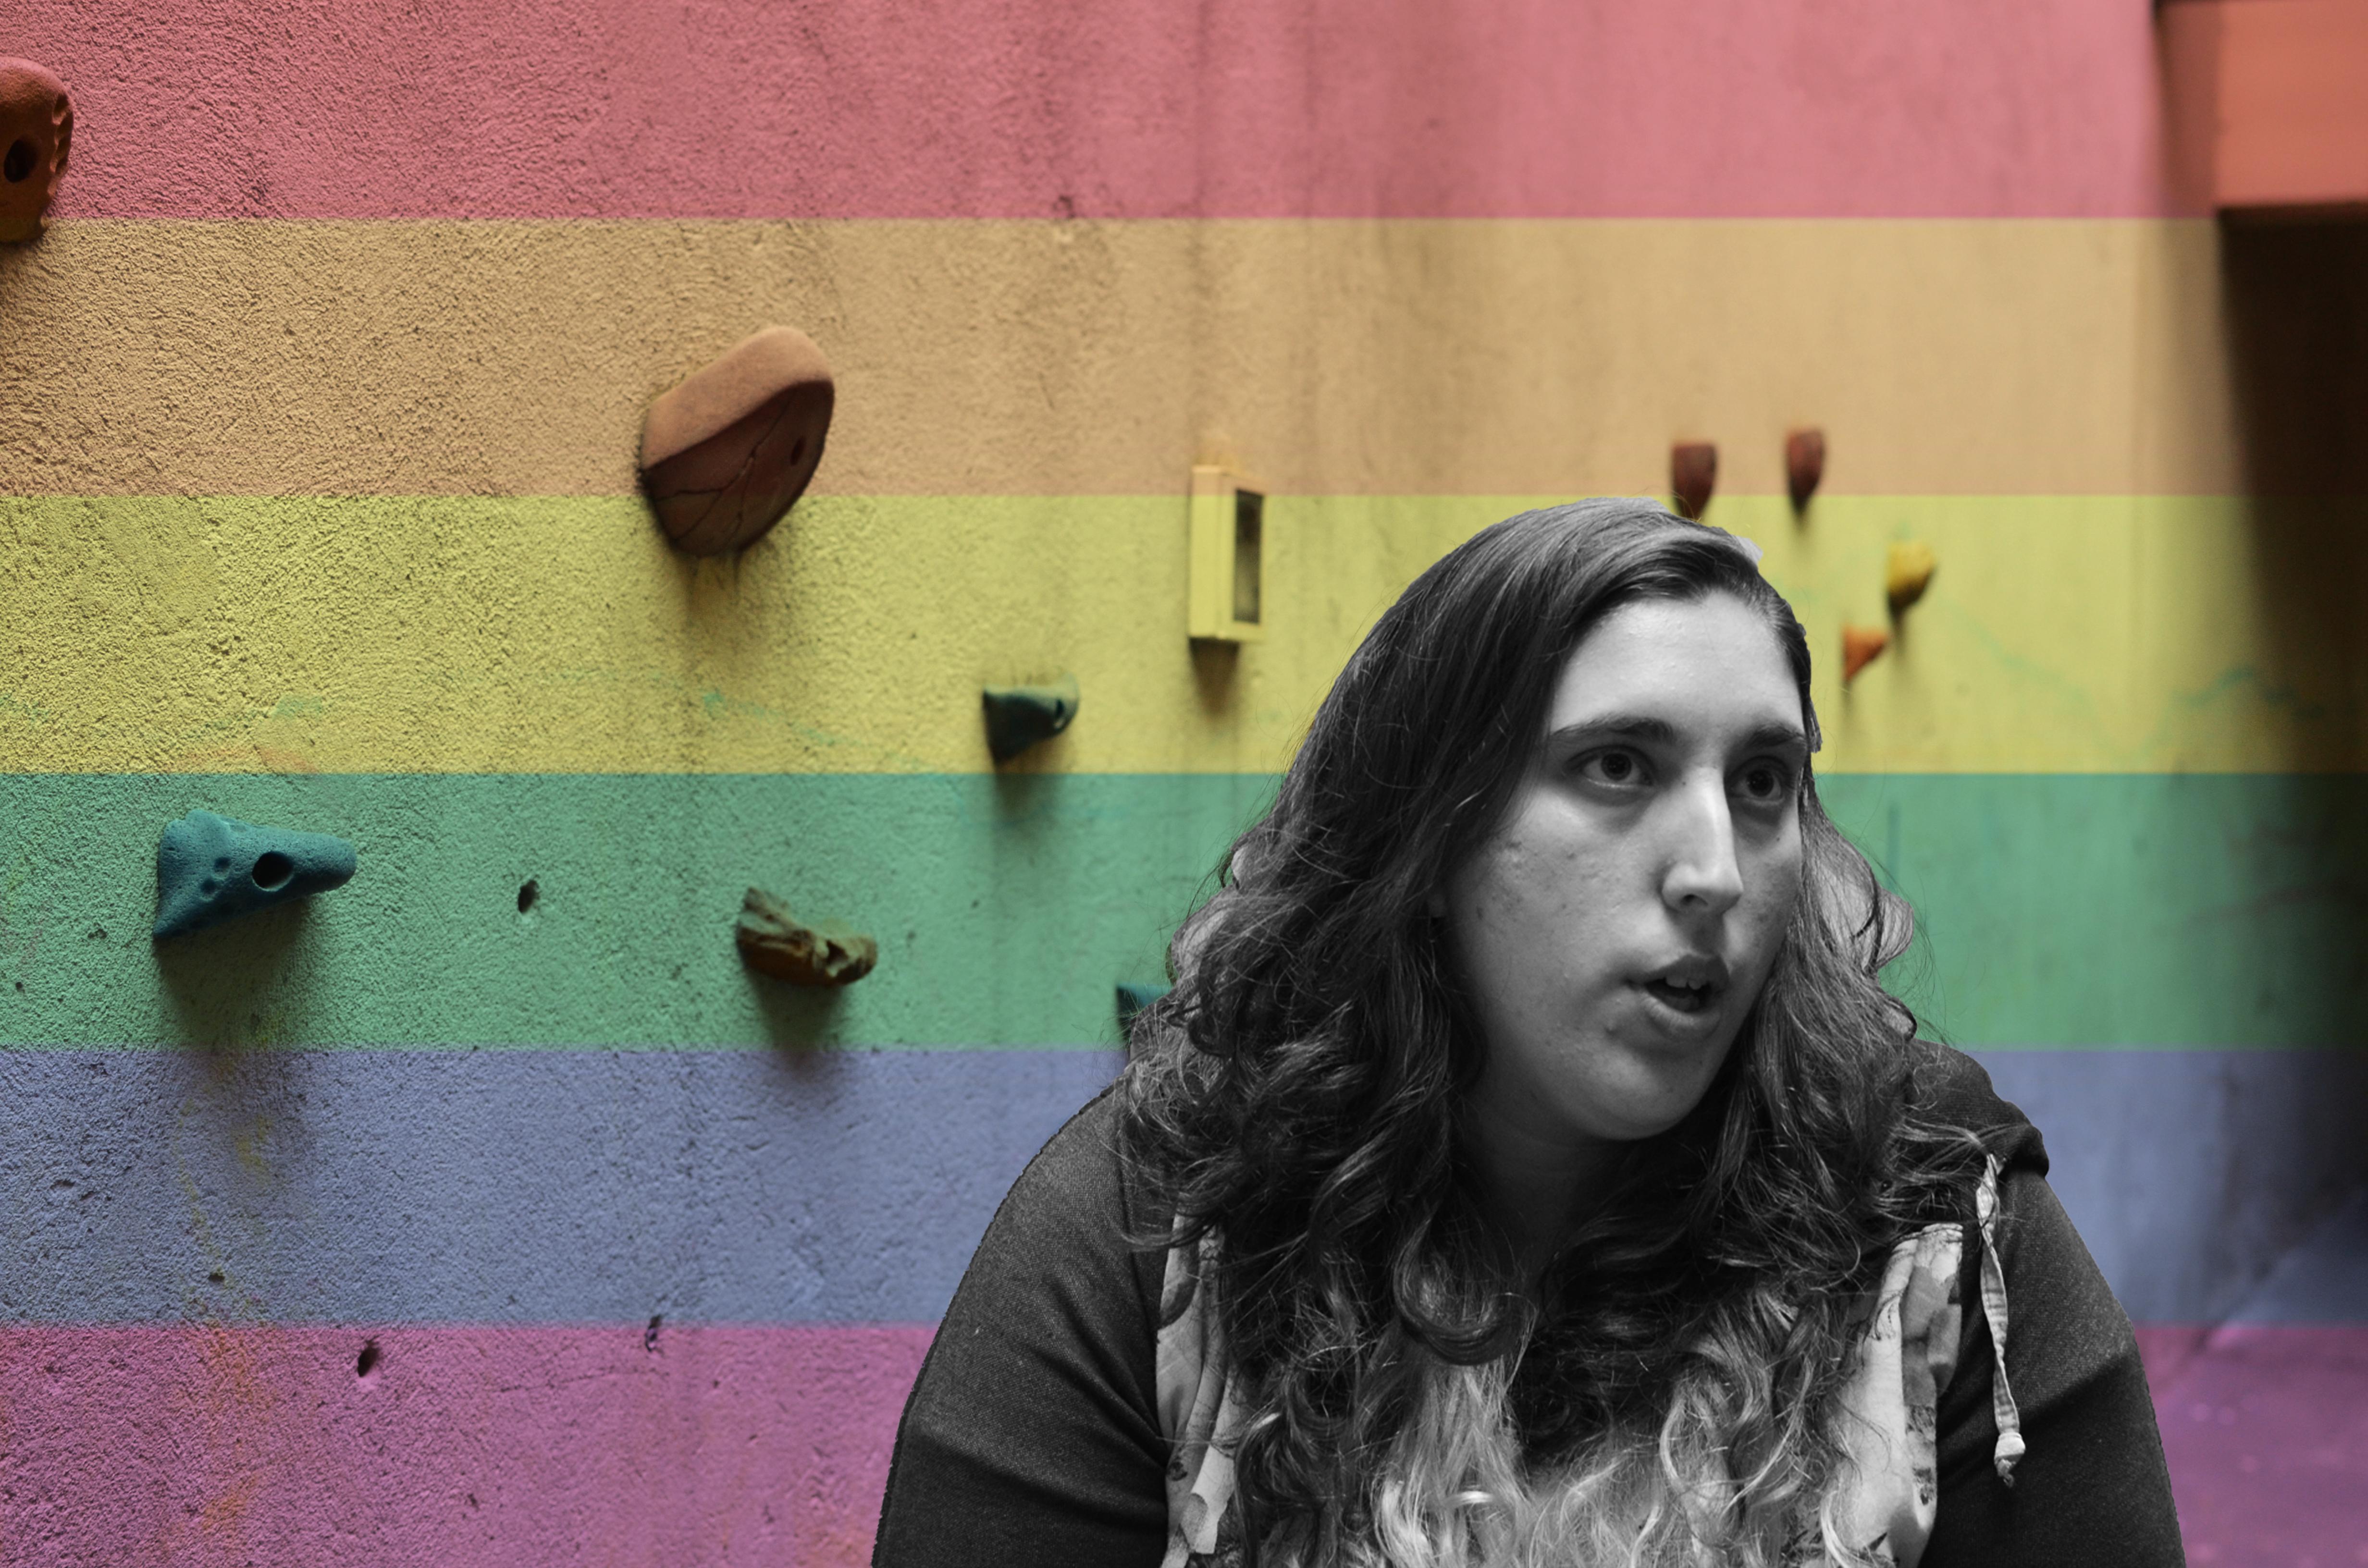 Foto donde aparece Dani en la parte inferior derecha en blanco y negro, con fondo de bandera arcoíris.